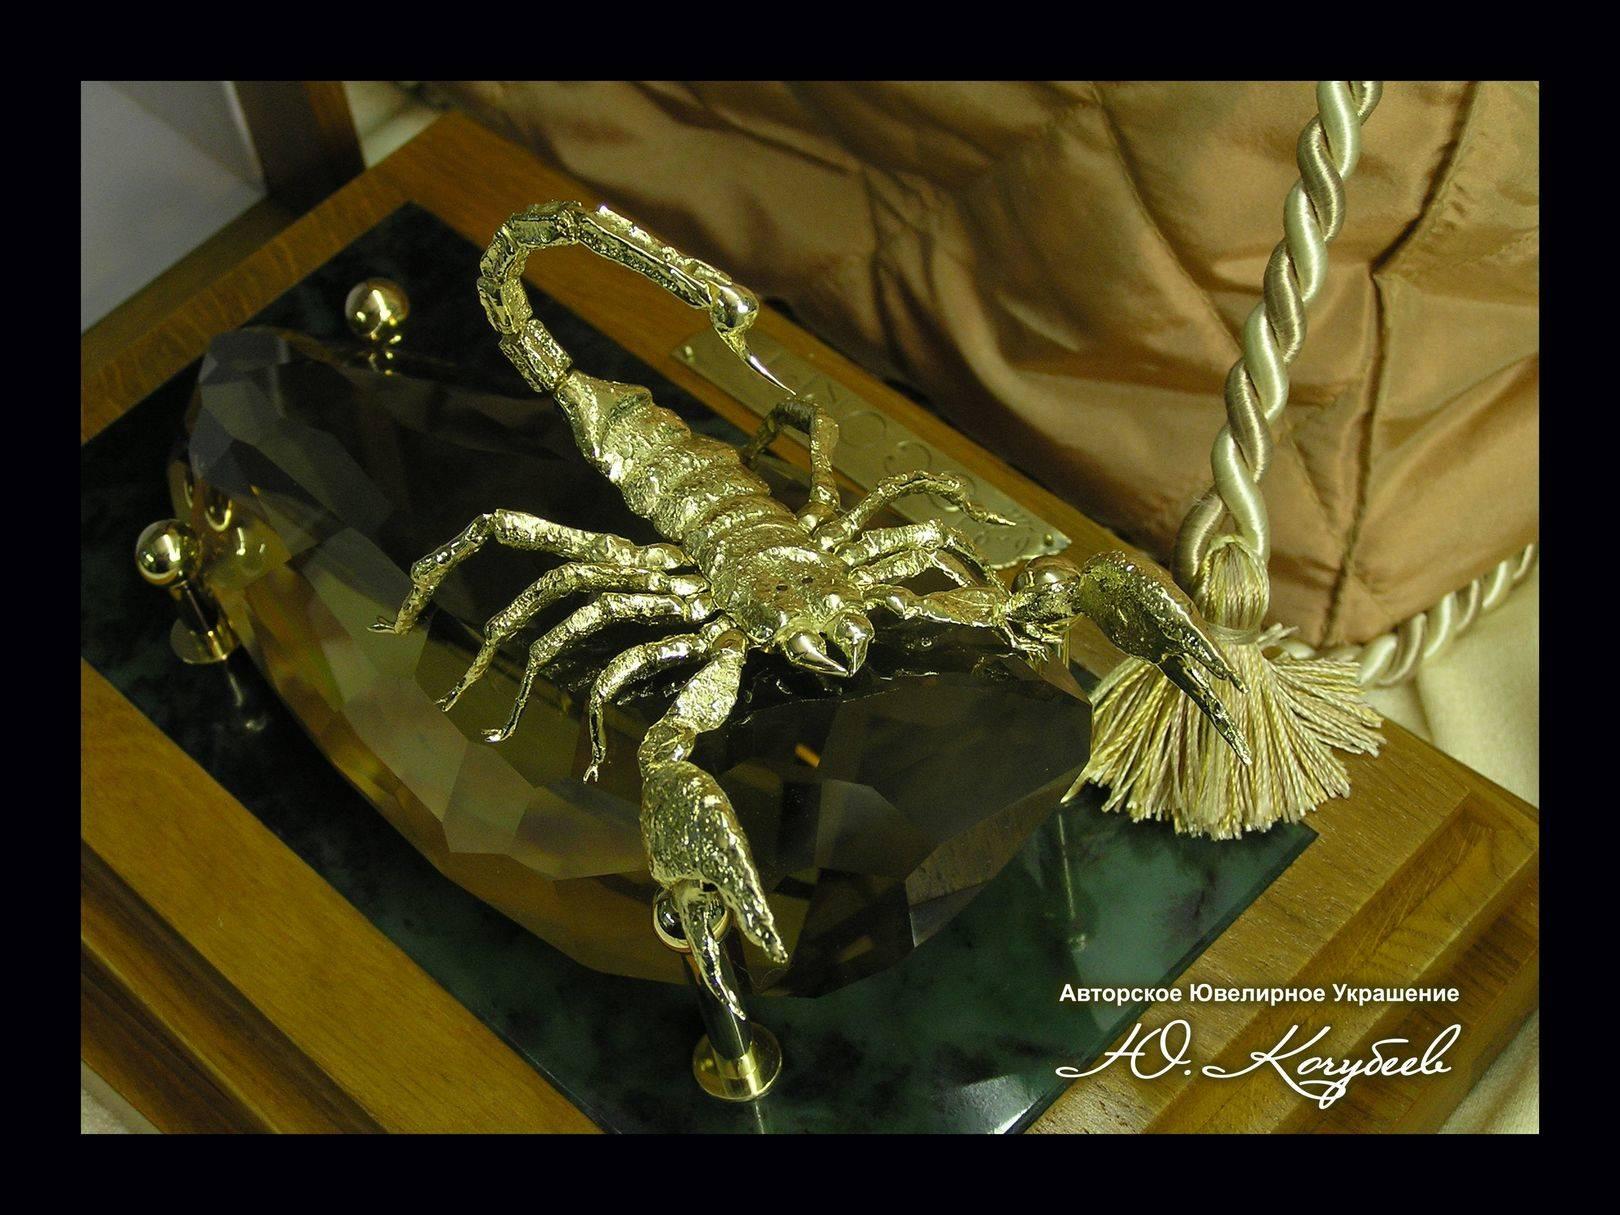 """Интерьерное украшение """"Скорпион"""". Желтое золото, цитрин, бриллианты, авторская техника."""